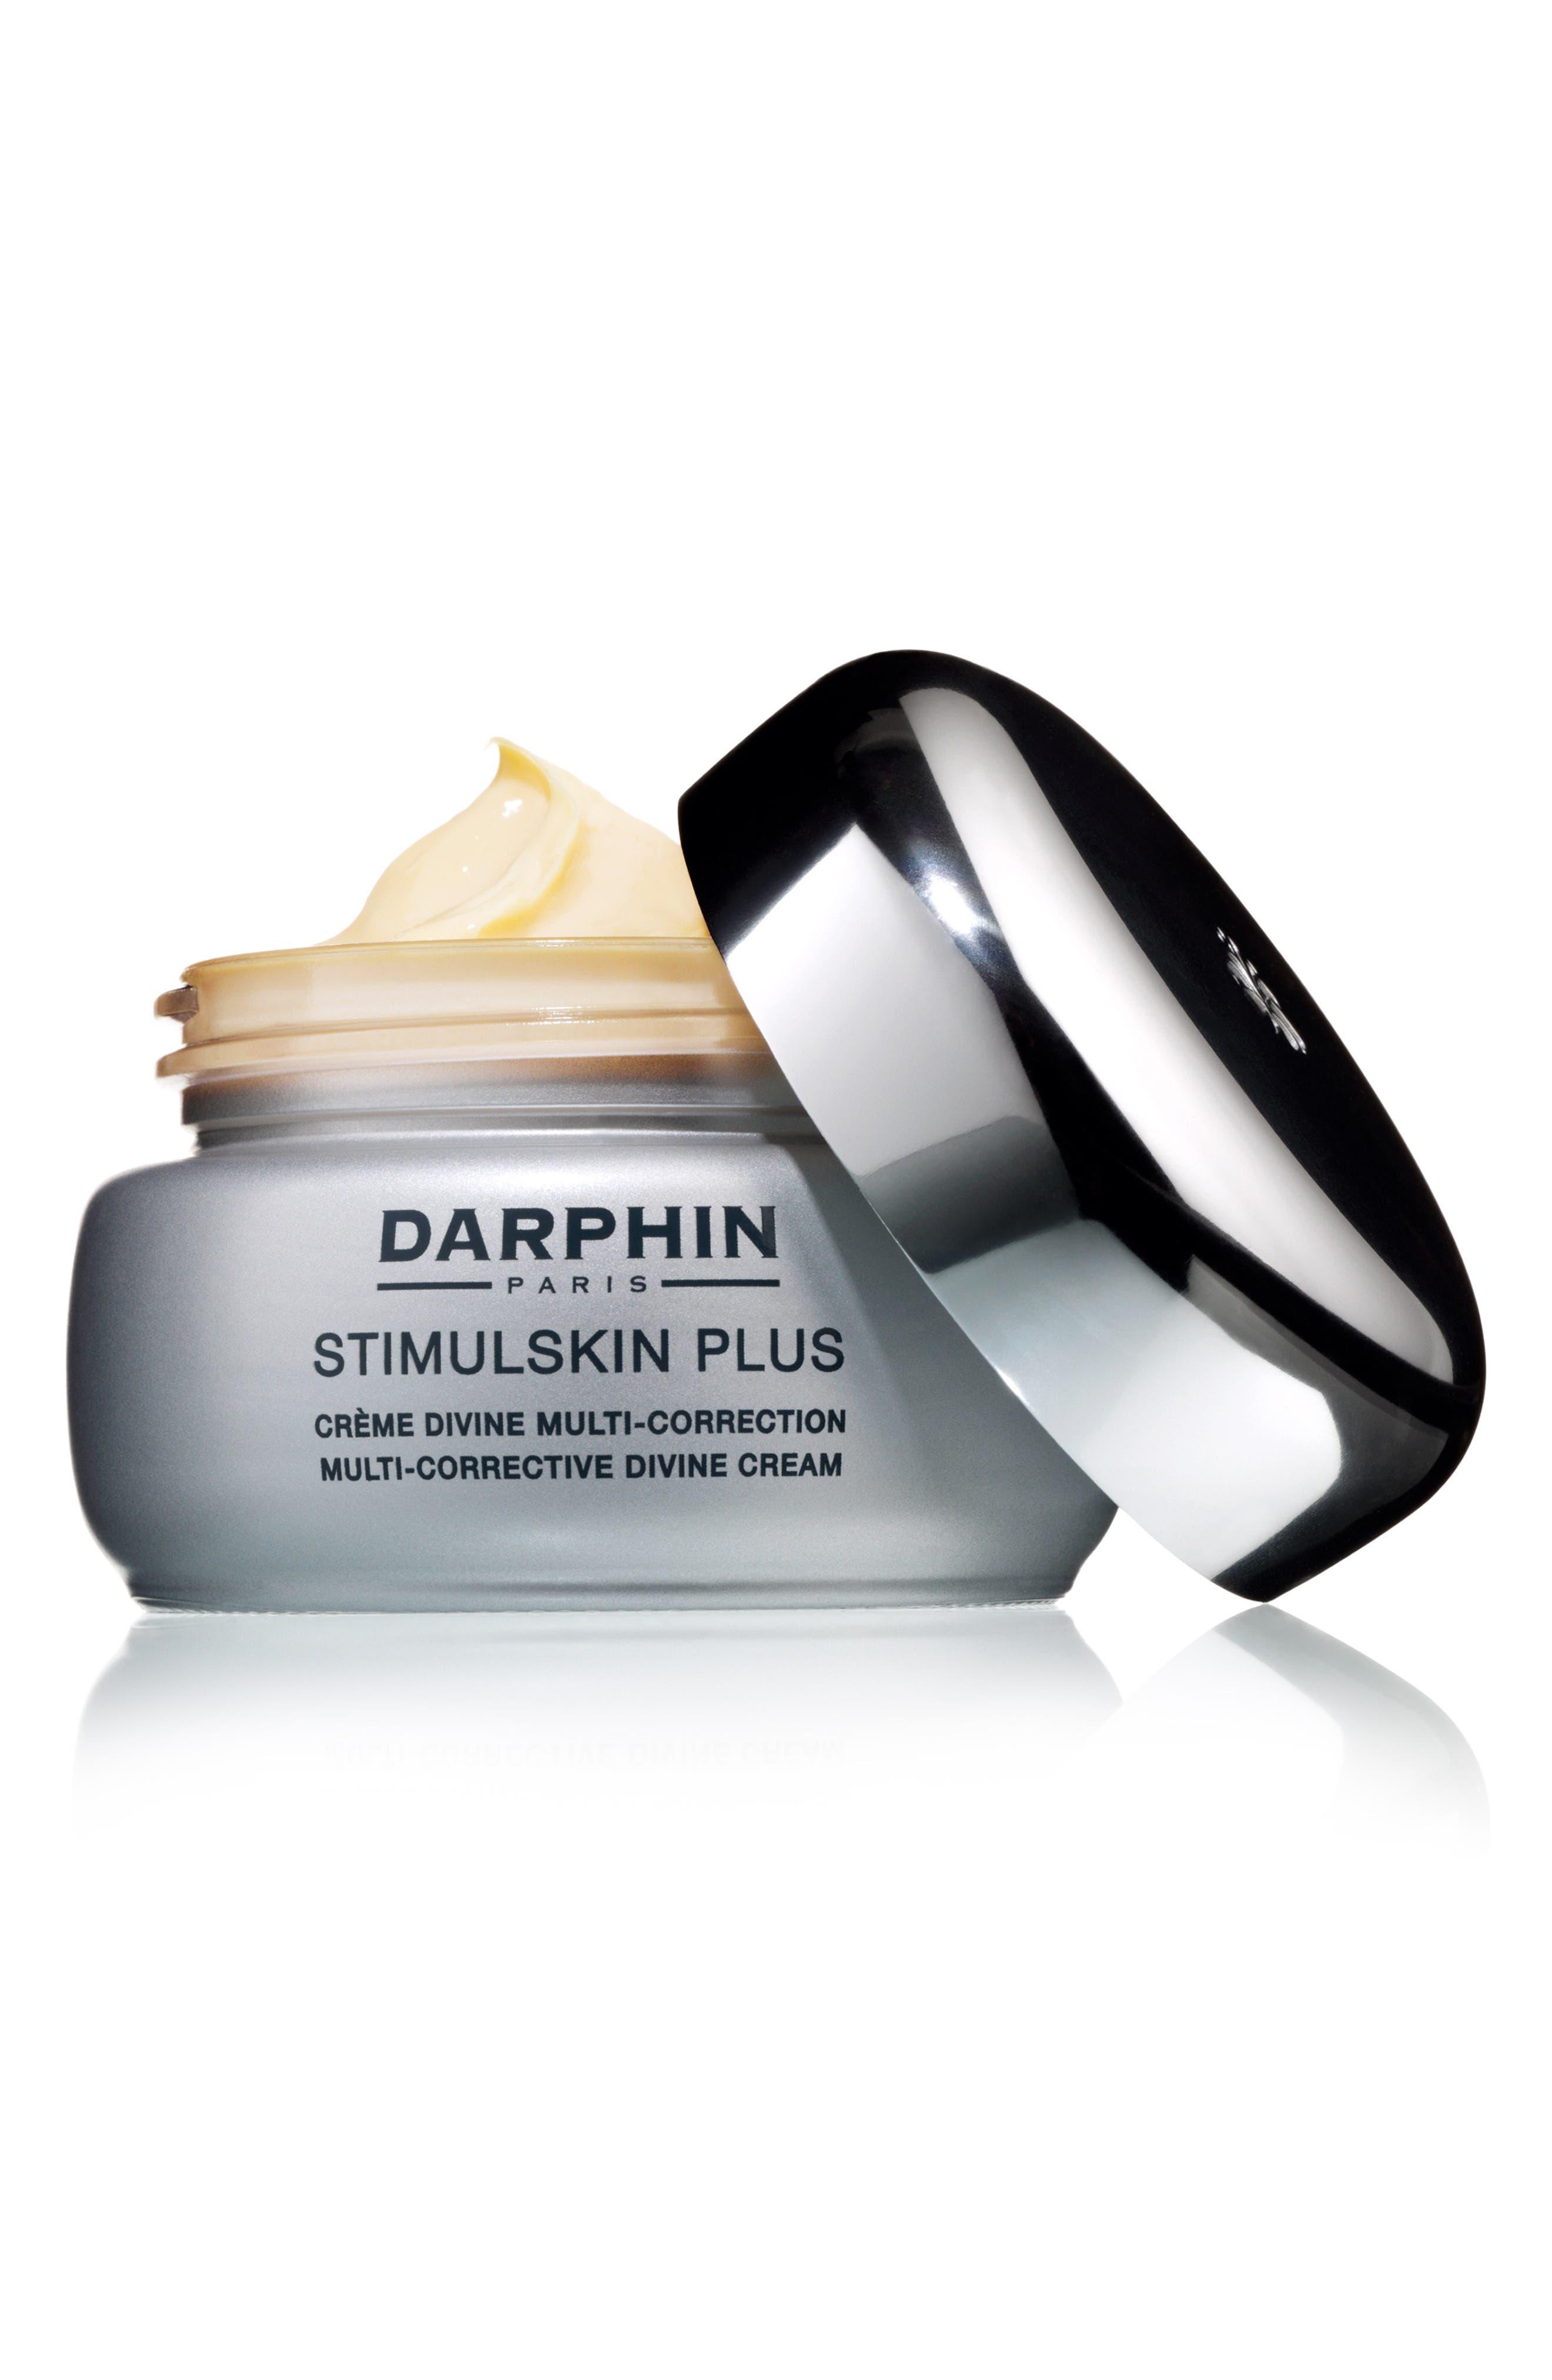 Stimulskin Plus Multi-Corrective Divine Cream,                             Alternate thumbnail 2, color,                             NO COLOR